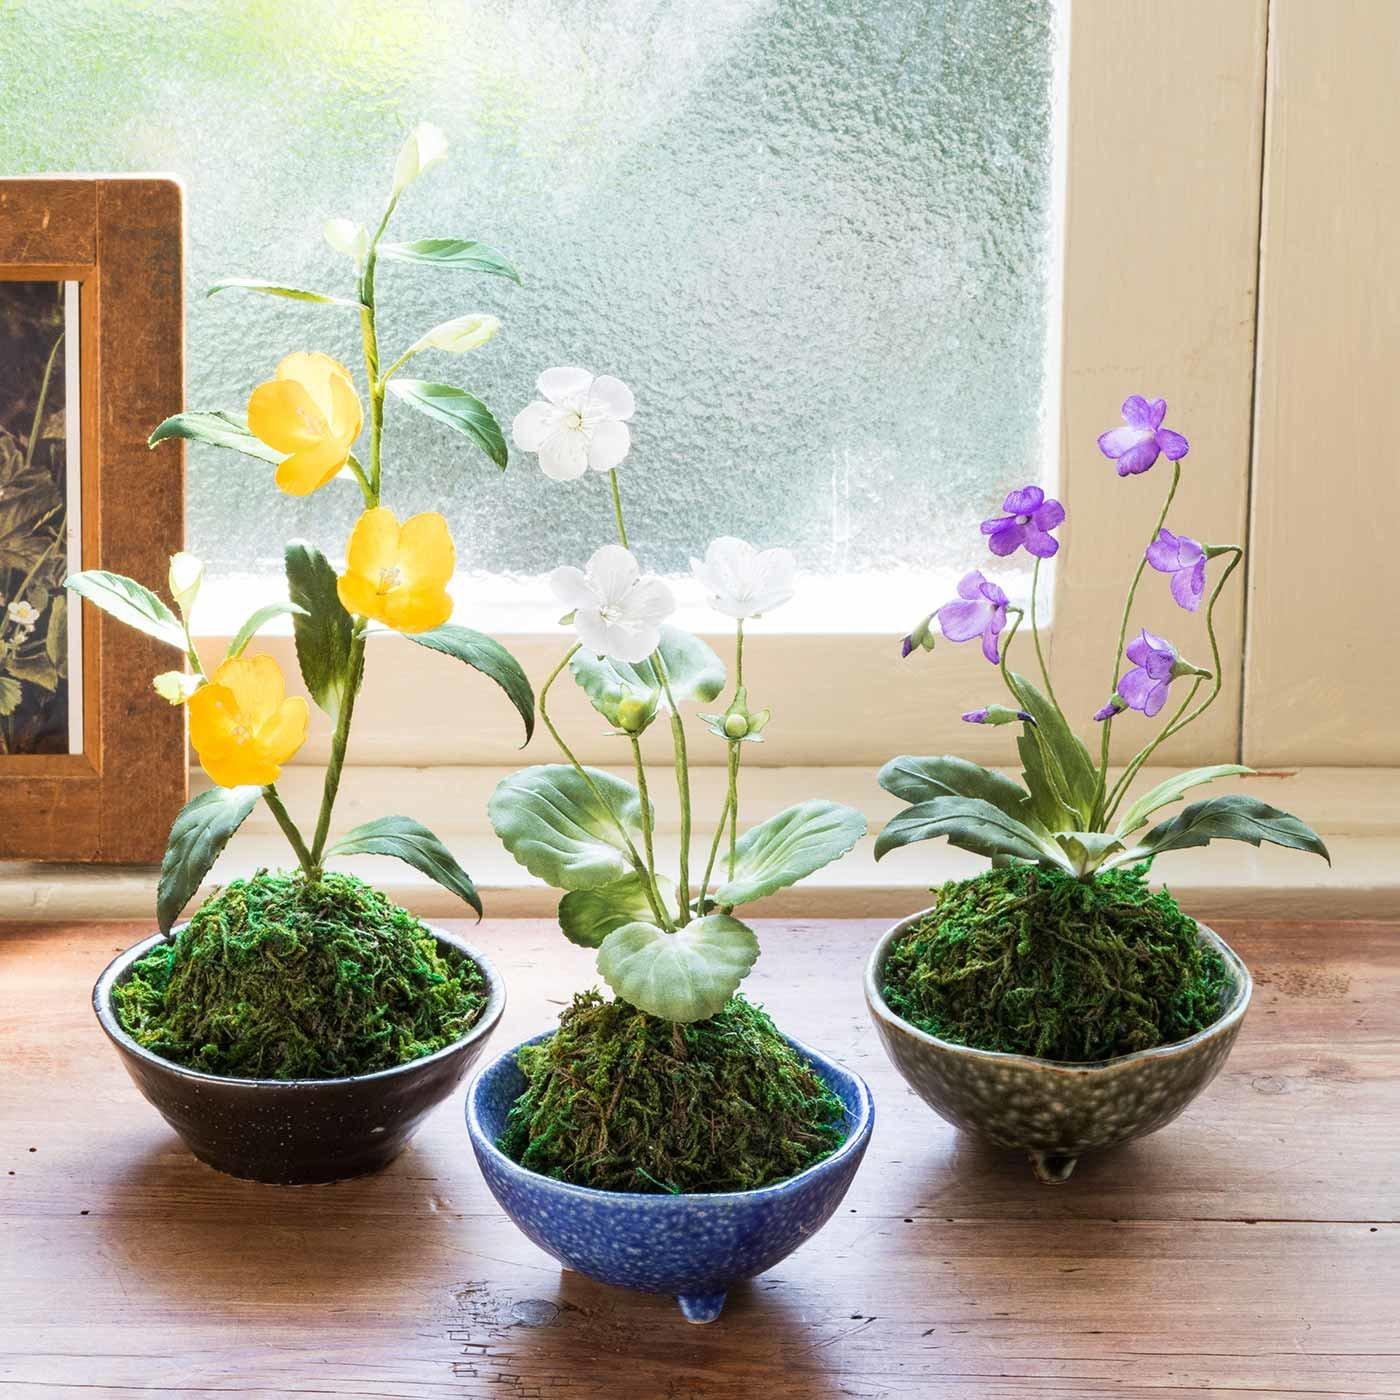 可憐に咲く小さなお花に癒やされる 手づくりの和の鉢植え